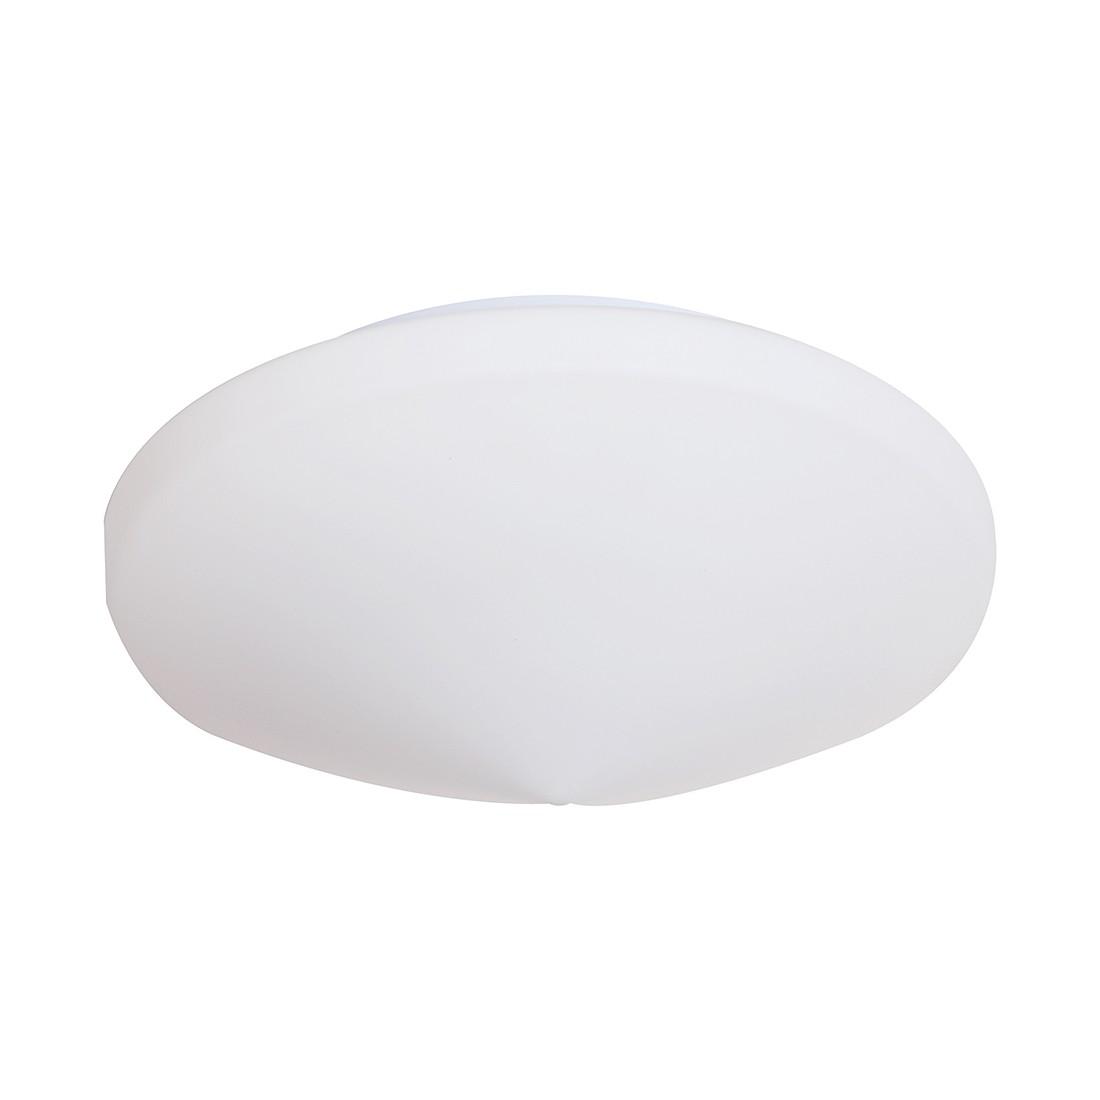 Deckenleuchte 1-flammig ● Weiß Ø 25 cm- Steinhauer A++